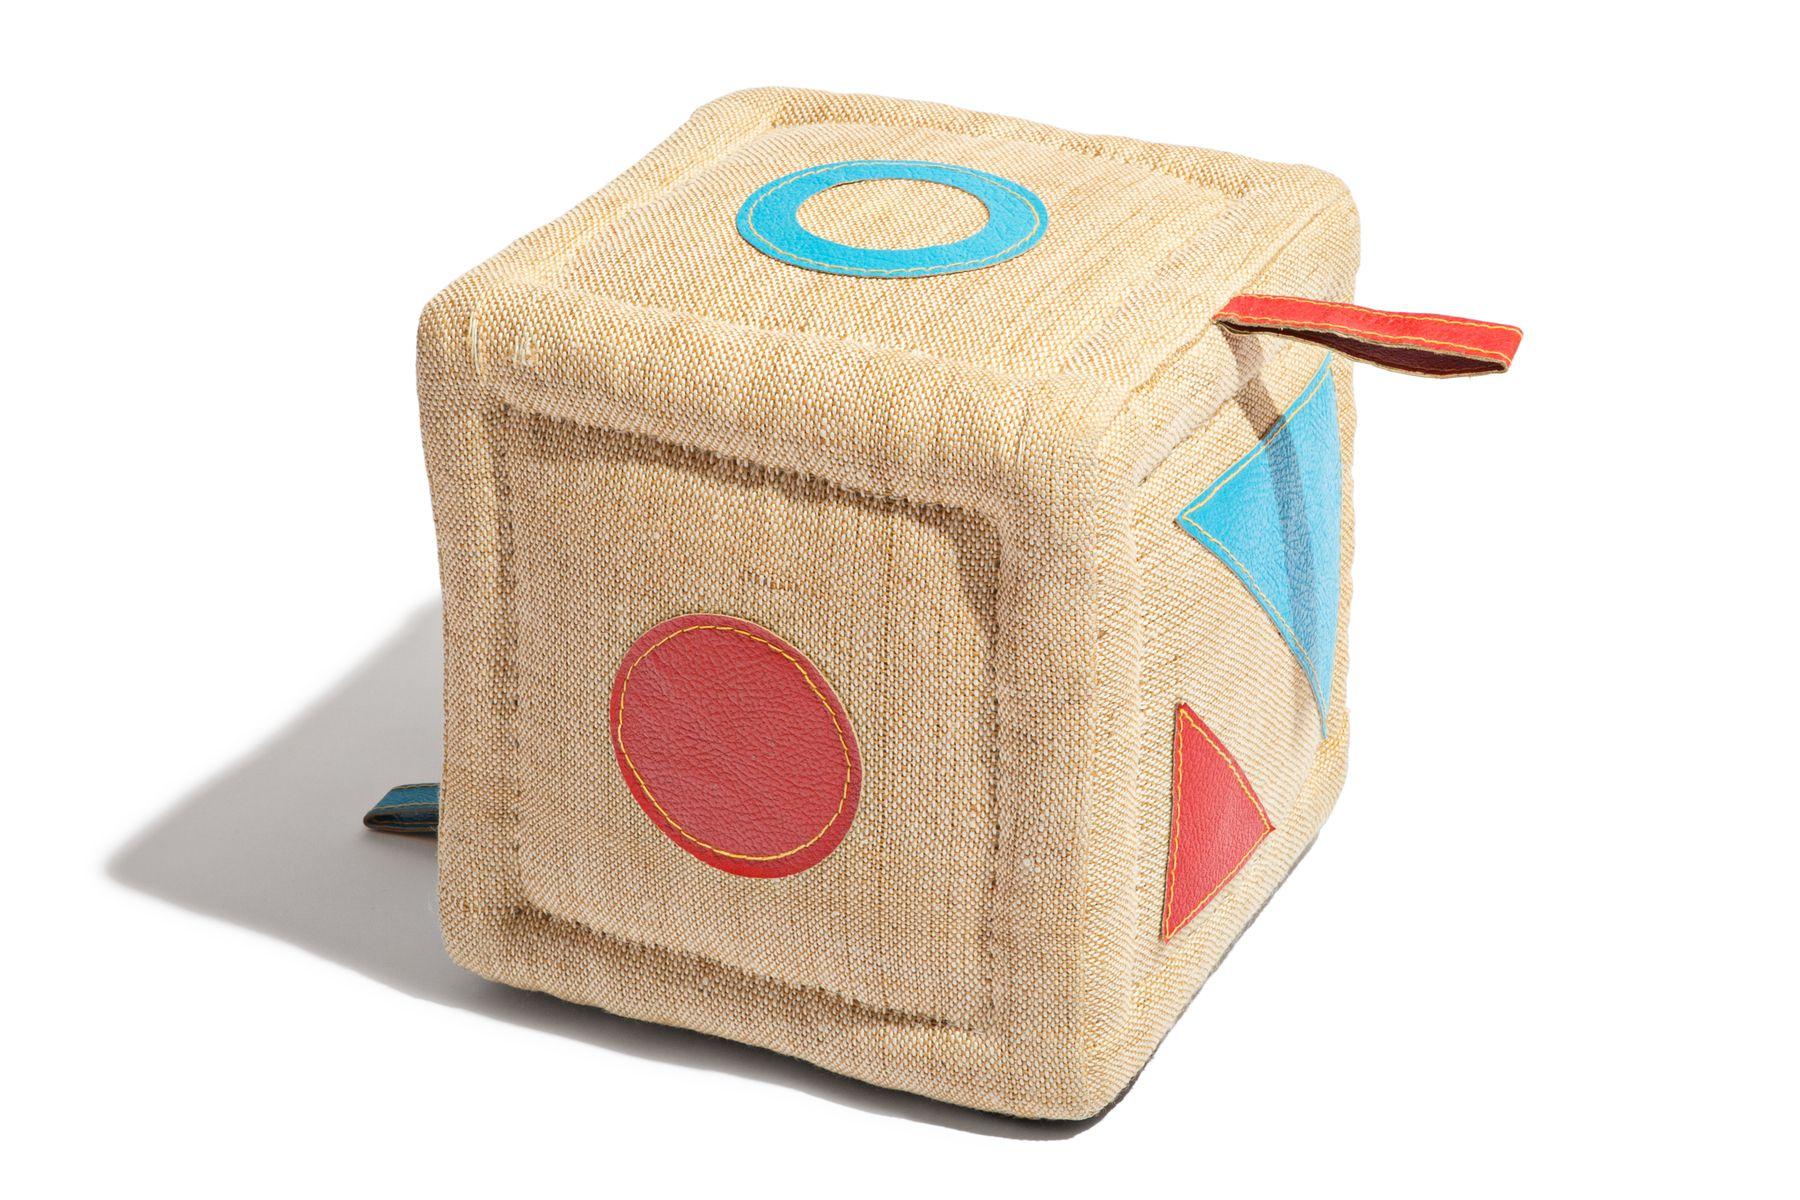 sitzpuff in w rfeloptik oder therapeutisches spielzeug von. Black Bedroom Furniture Sets. Home Design Ideas